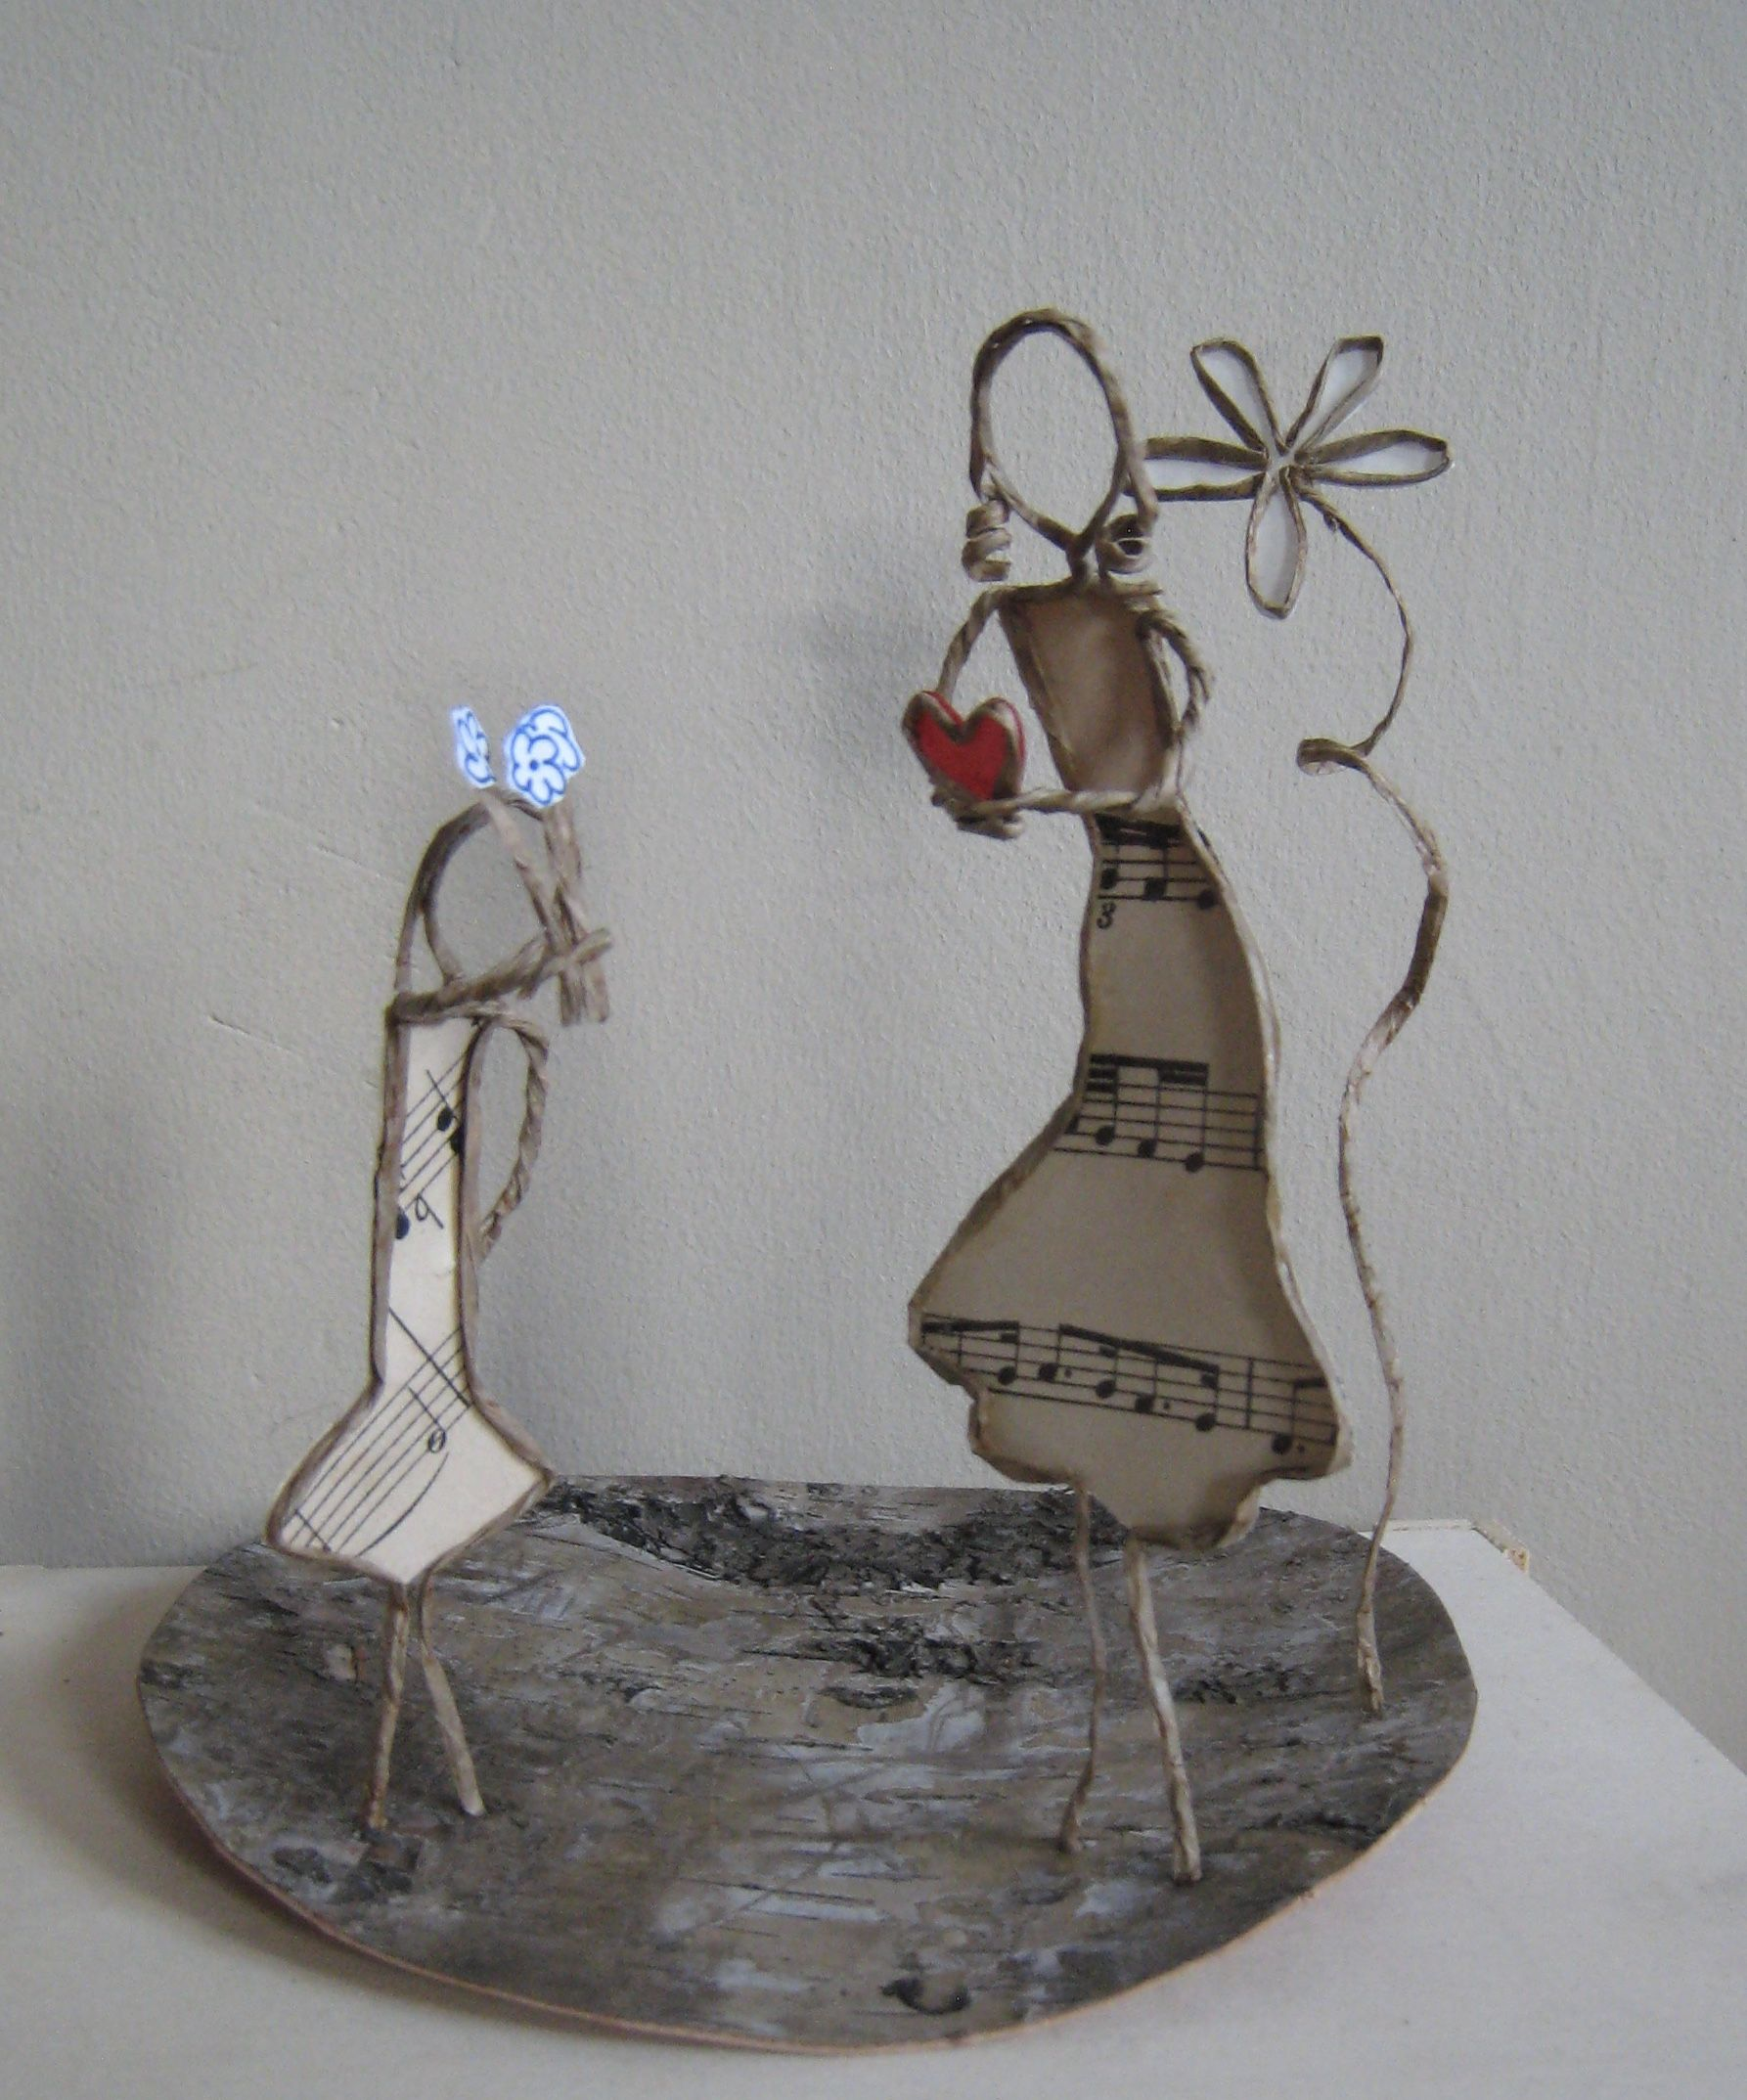 Pin von Martina Grafe auf Papierdrahtfiguren | Pinterest | Draht